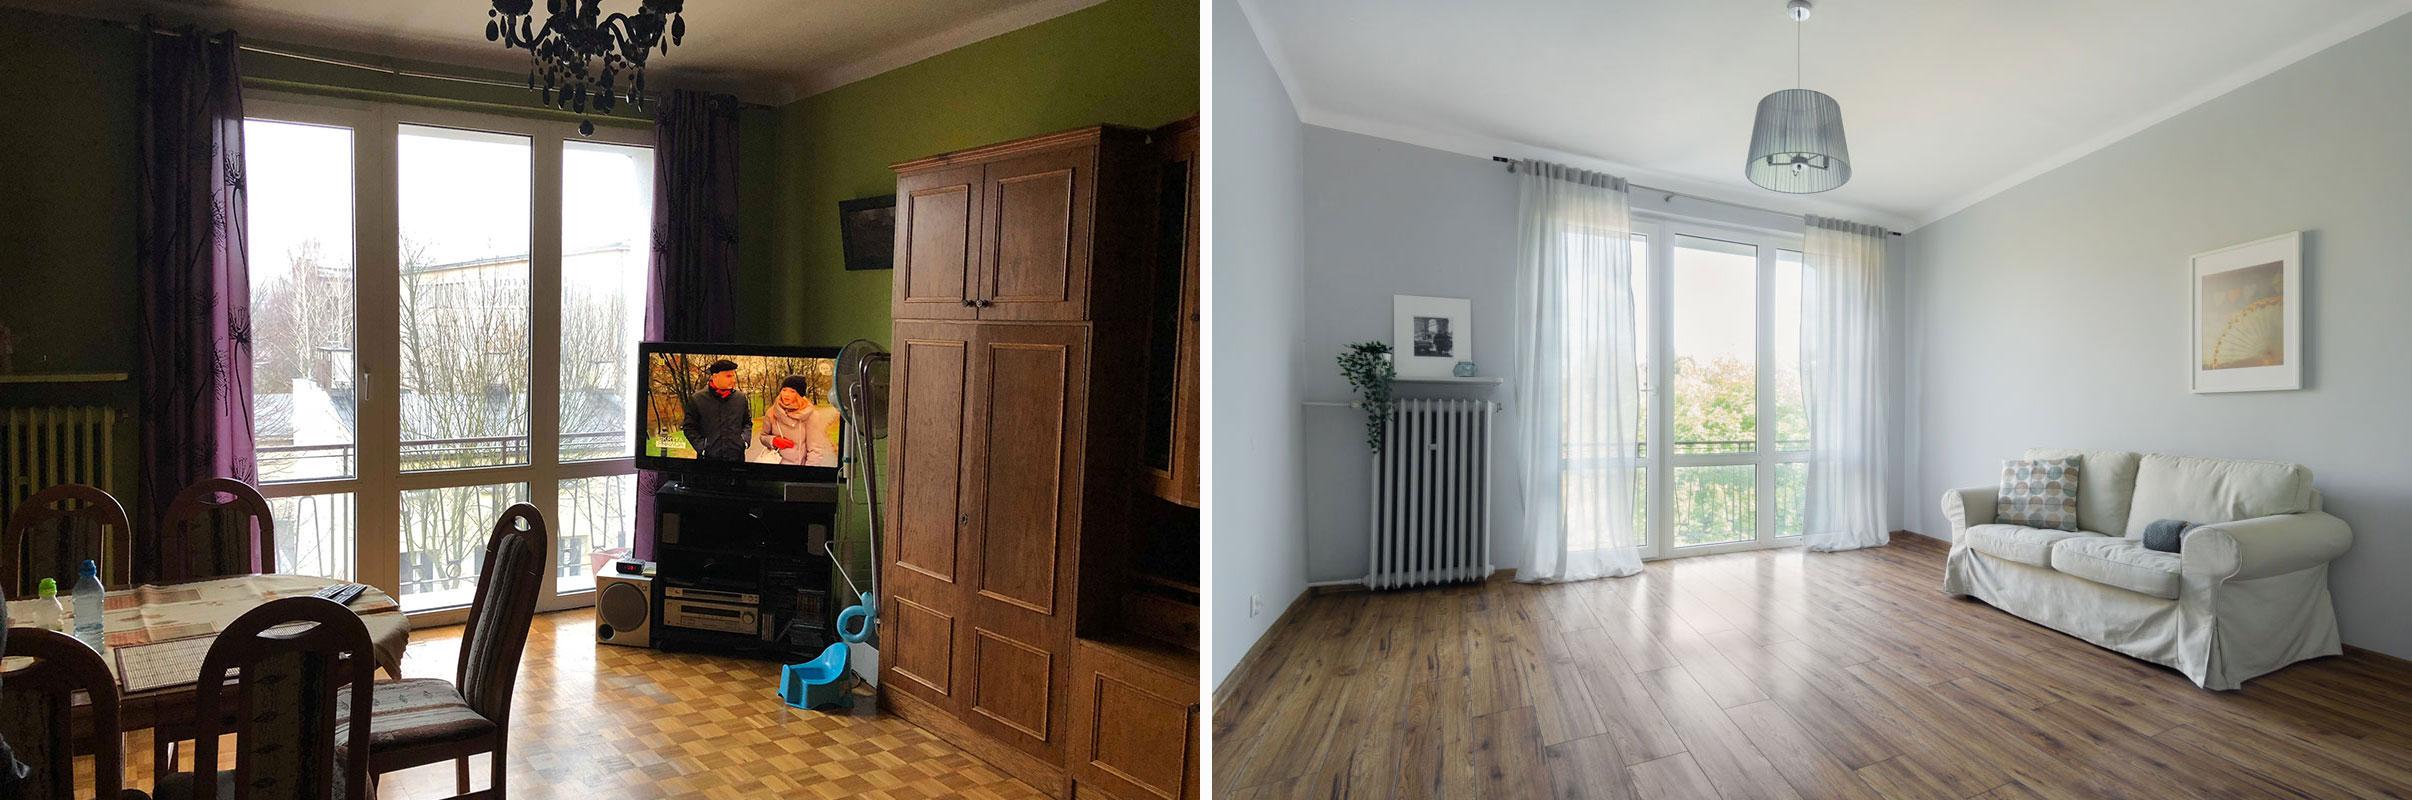 salon przed i po home staging